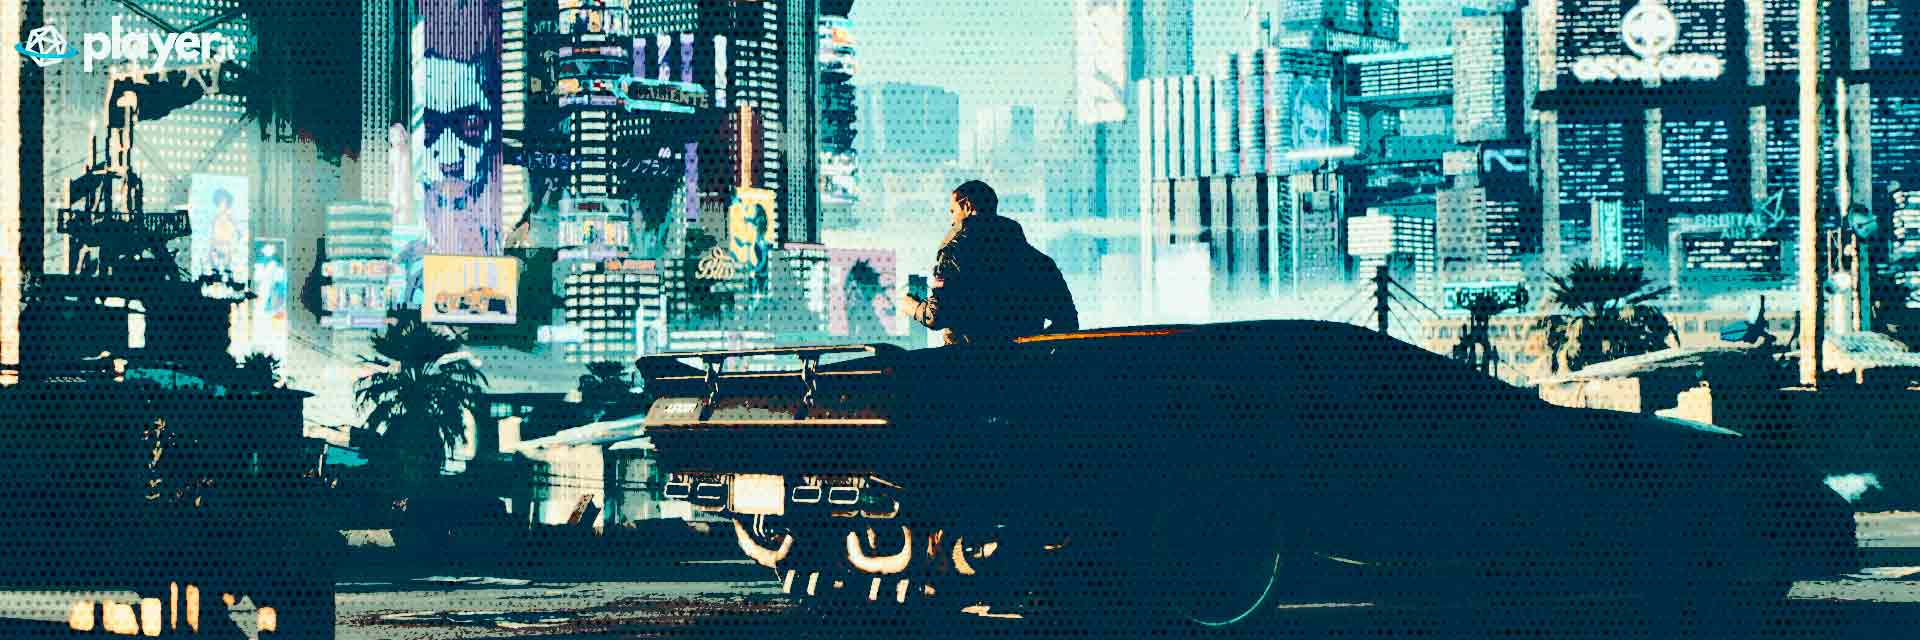 cyberpunk 2077 wallpaper in HD